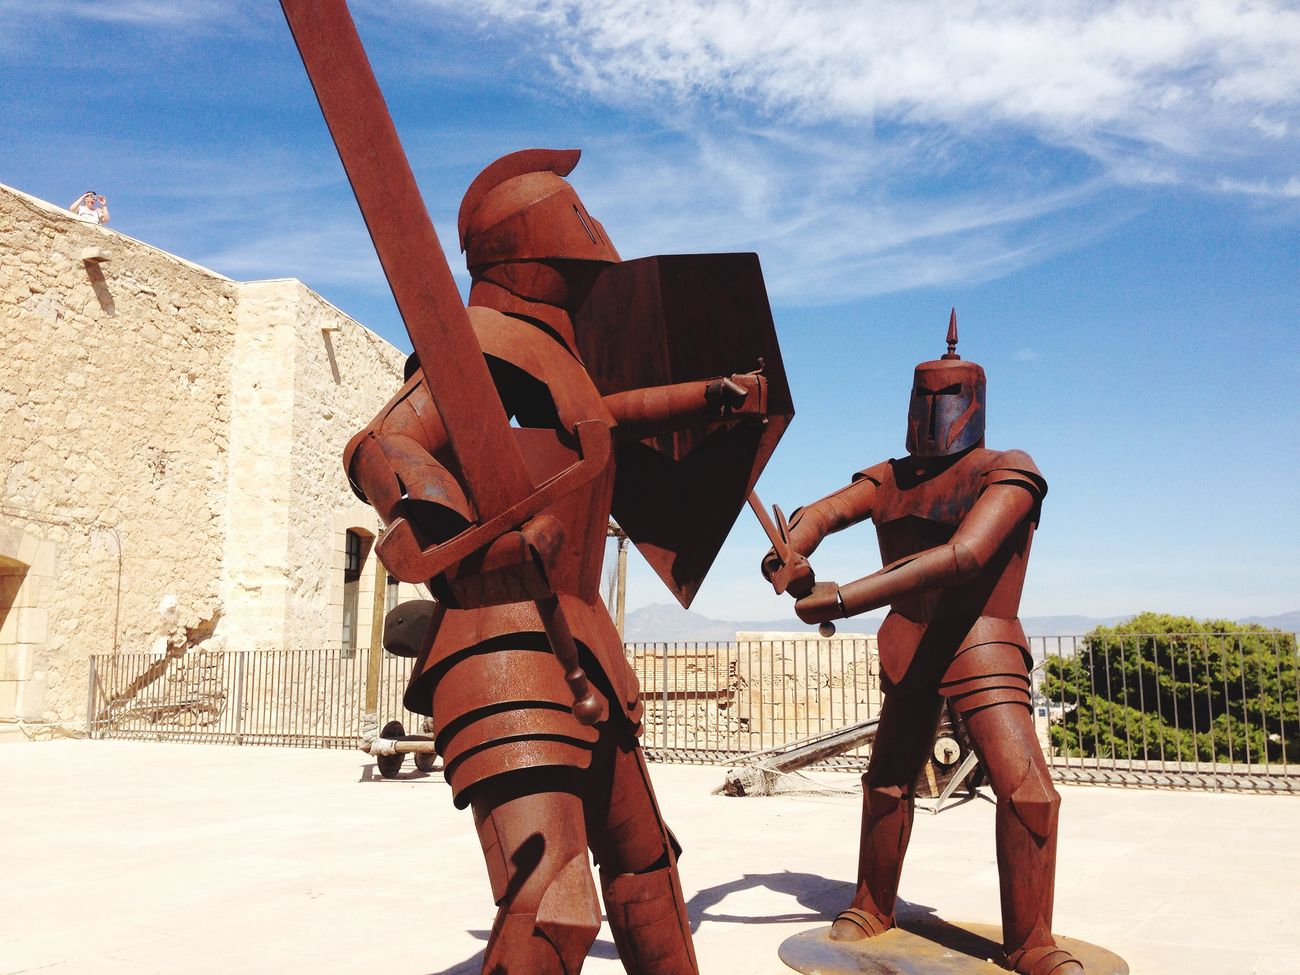 Alicante Castillo De Santa Bárbara Alicante, Spain